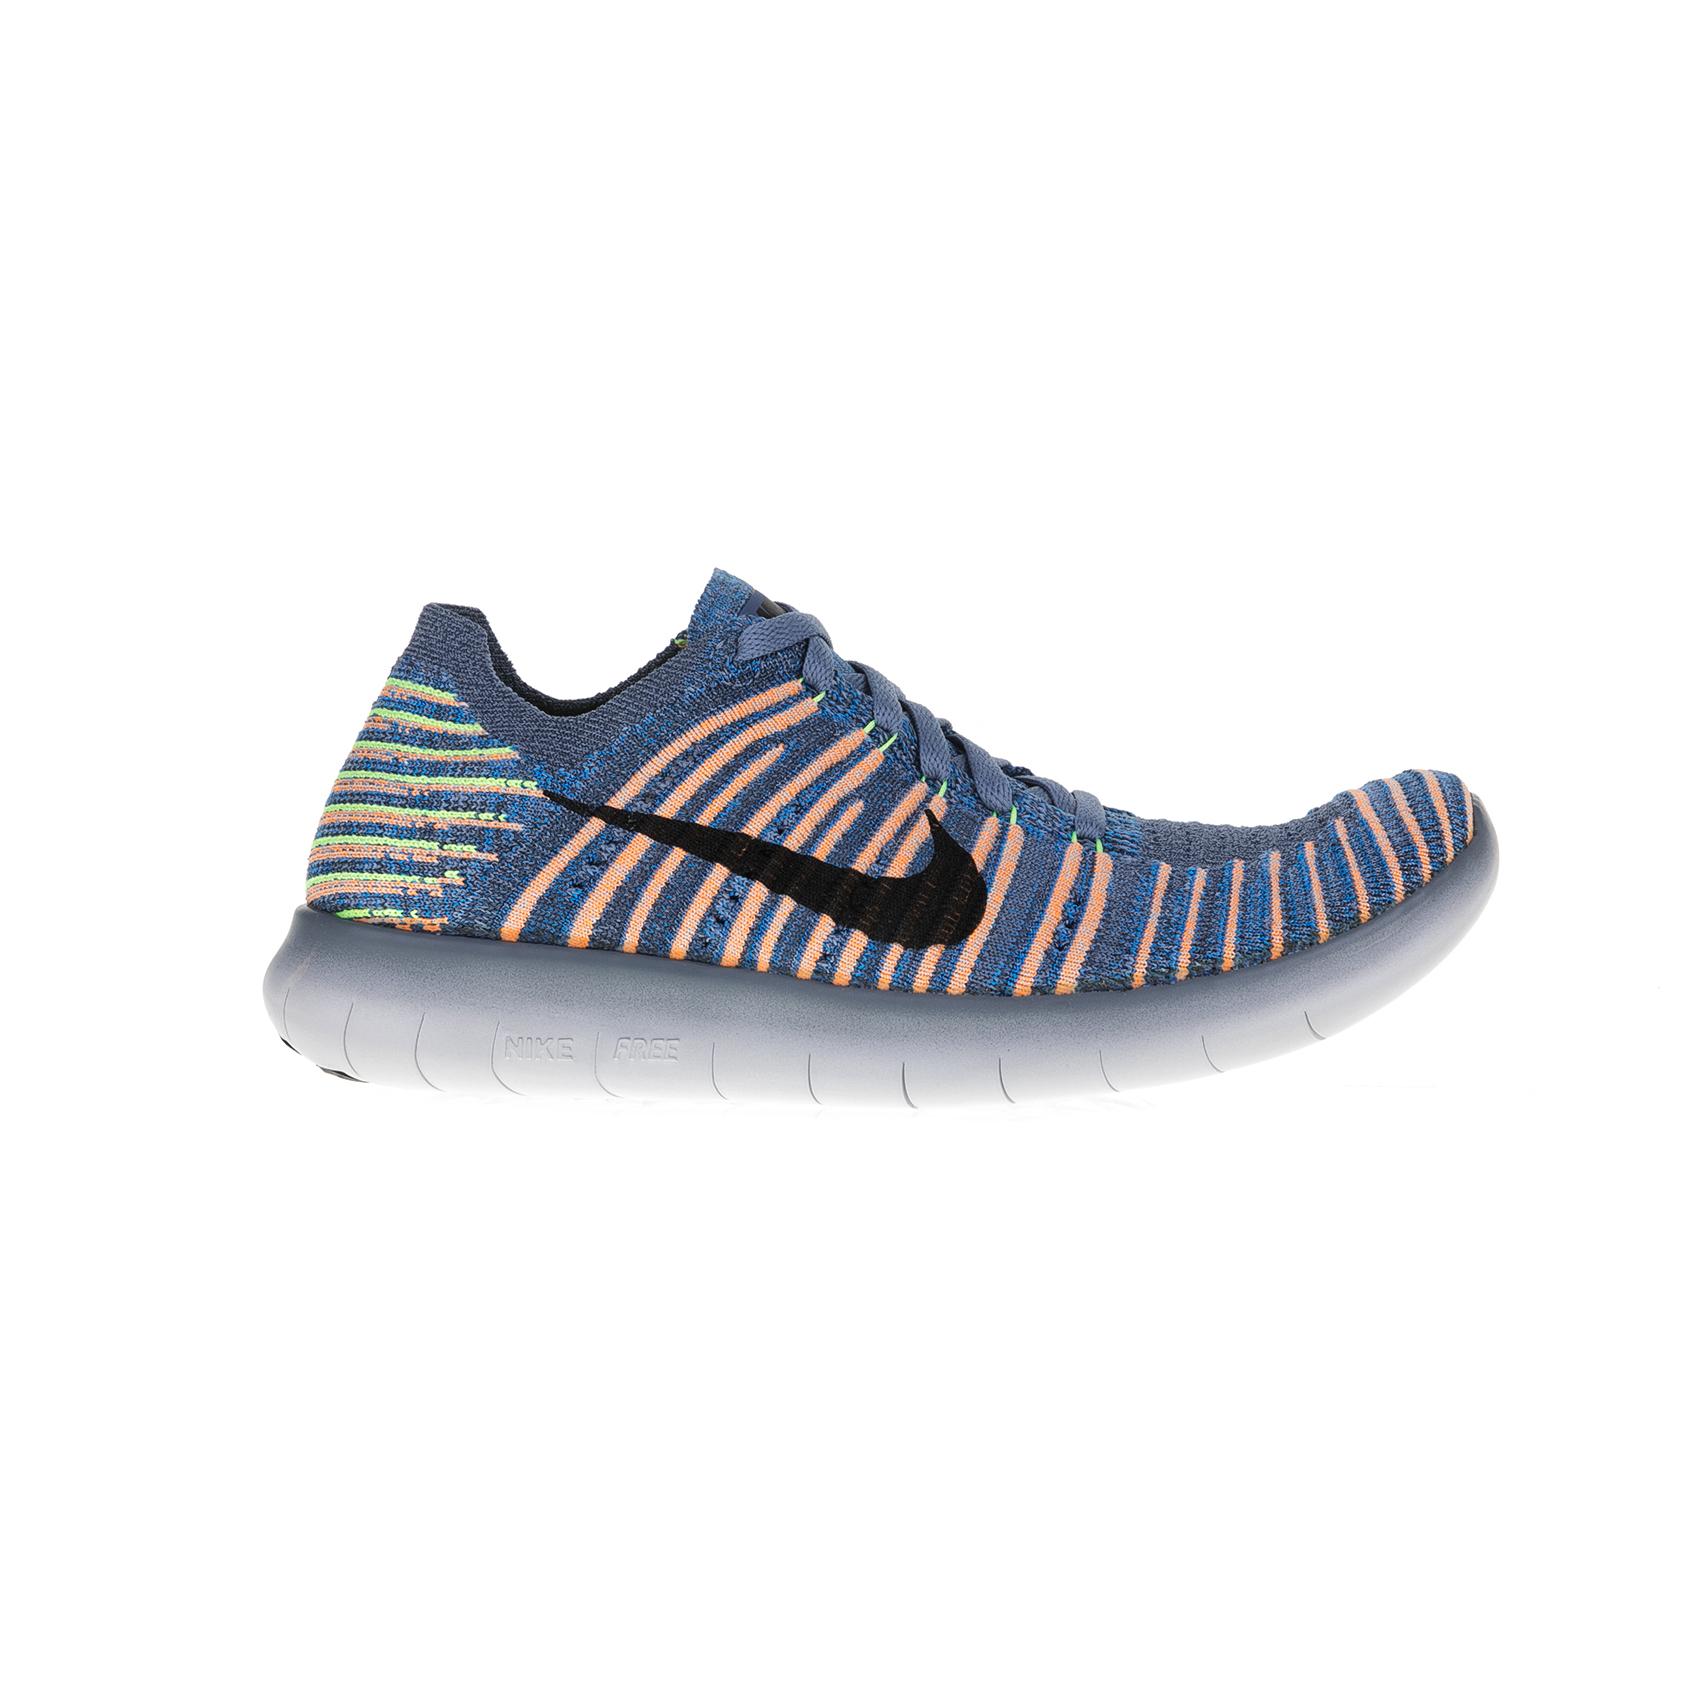 NIKE - Παιδικά αθλητικά παπούτσια Nike FREE RN FLYKNIT (GS) γκρι - πορτοκαλί